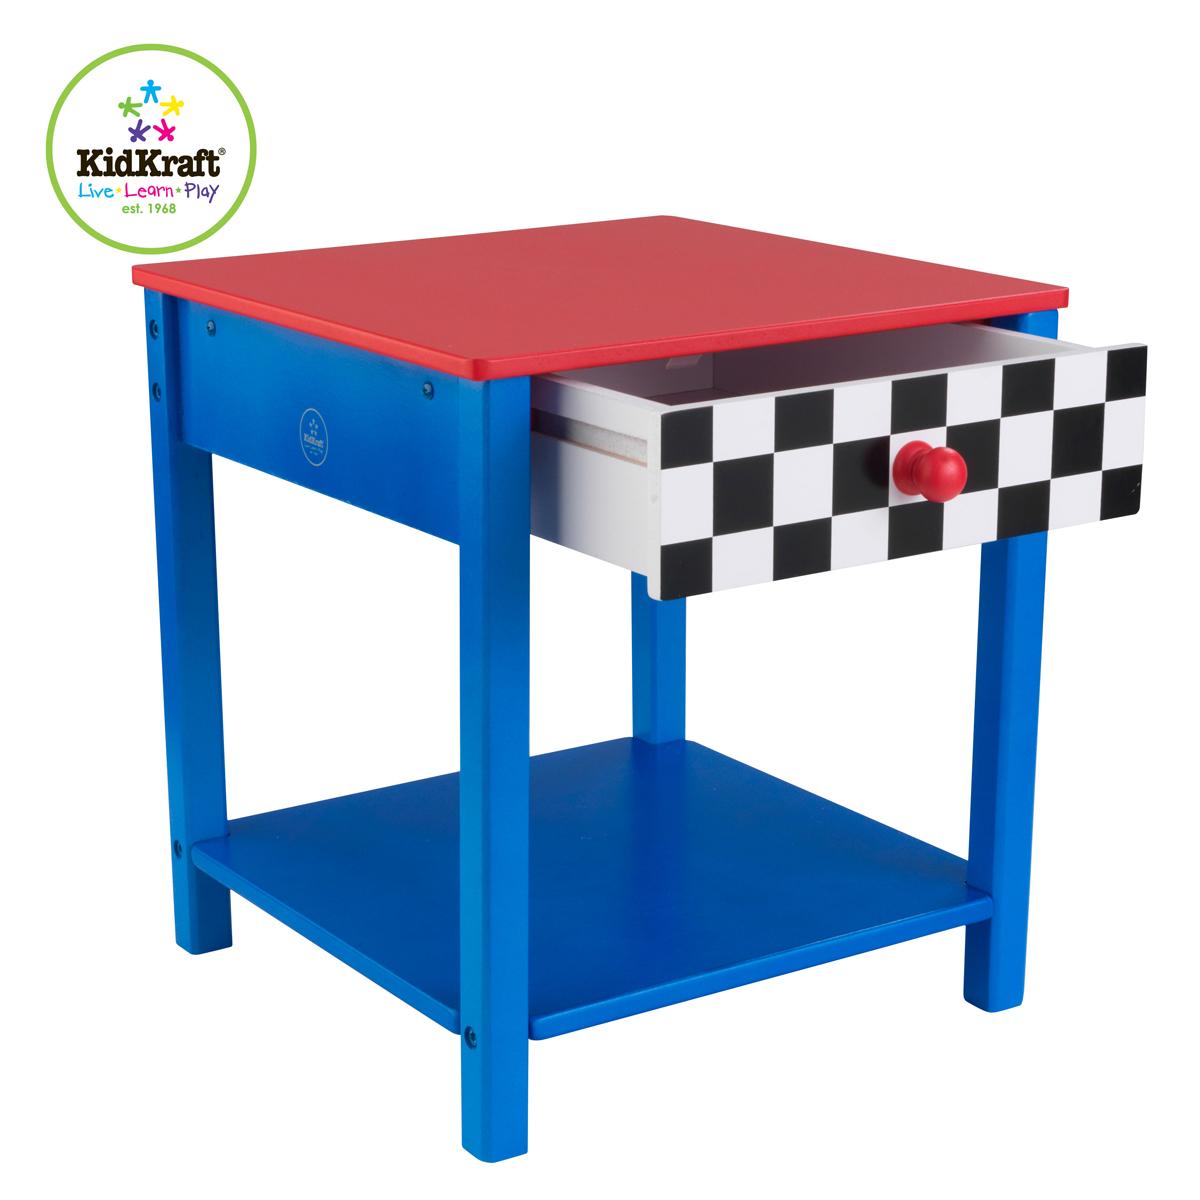 Kidkraft race car side table 76041 pirum for Table kidkraft